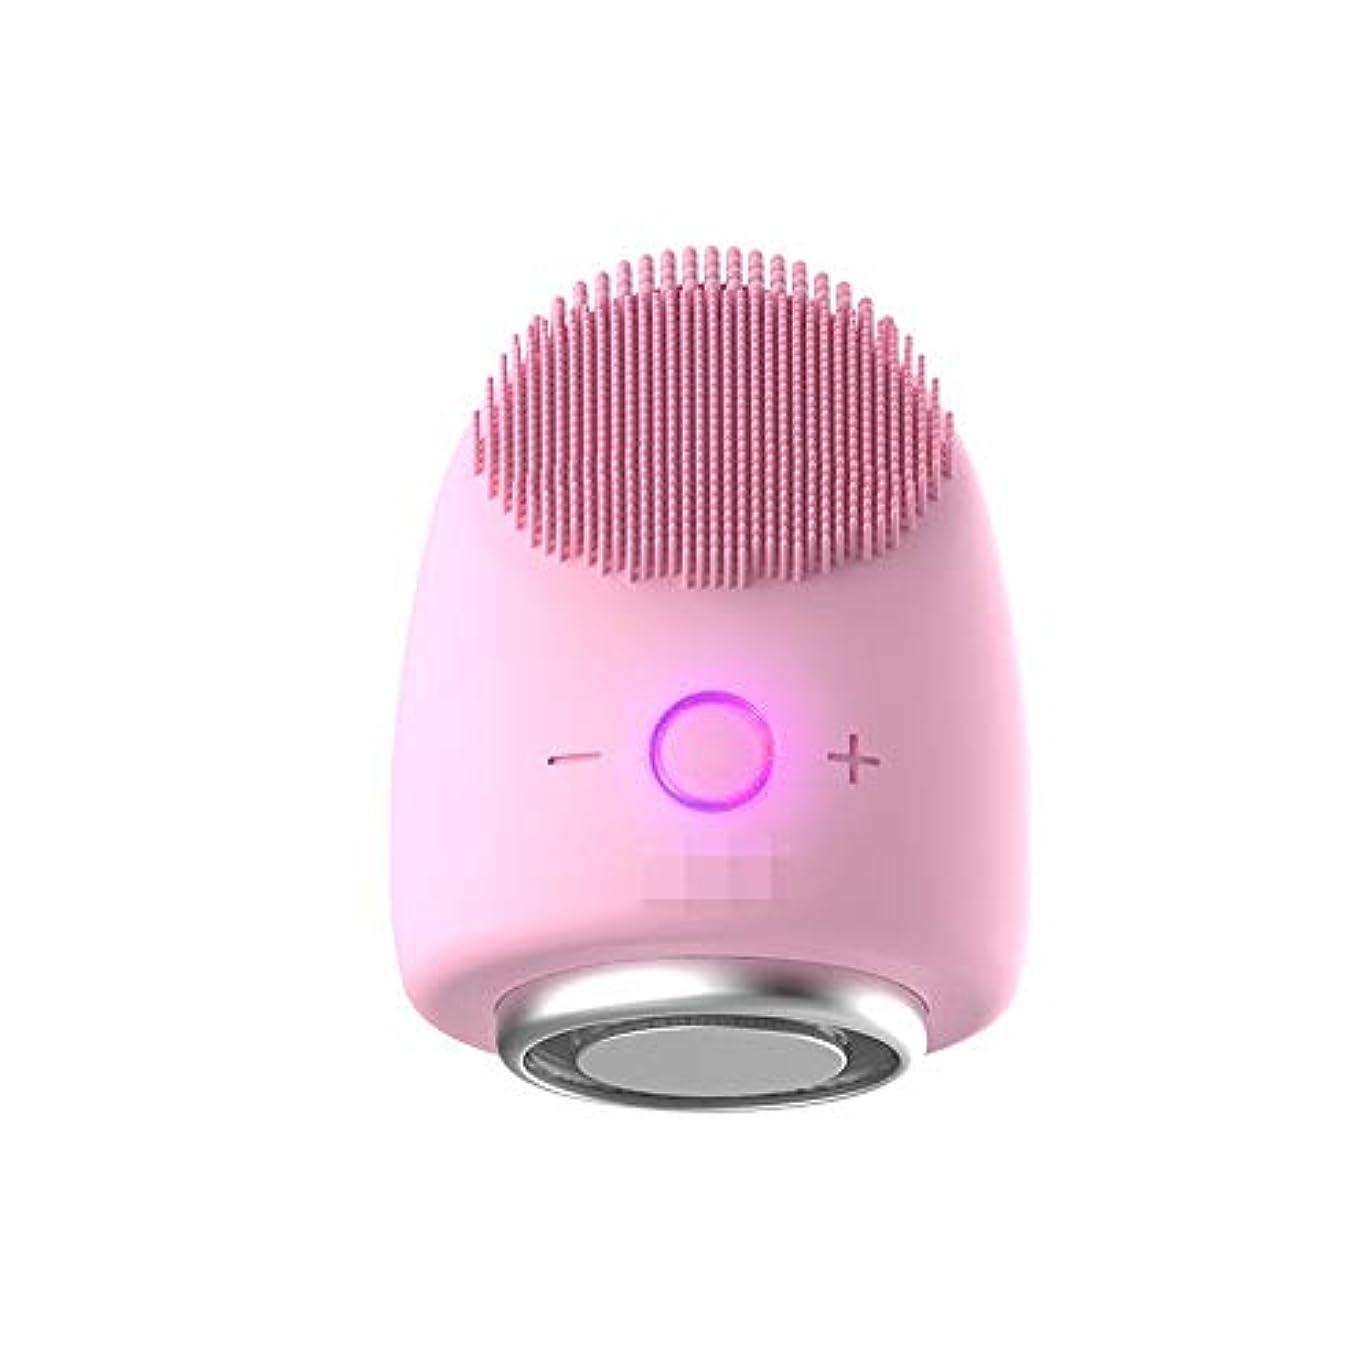 王位悪性インストールChaopeng 多機能美容器具洗浄器具導入器具凝縮ホットドレッシング肌活性化器具 (Color : ピンク)